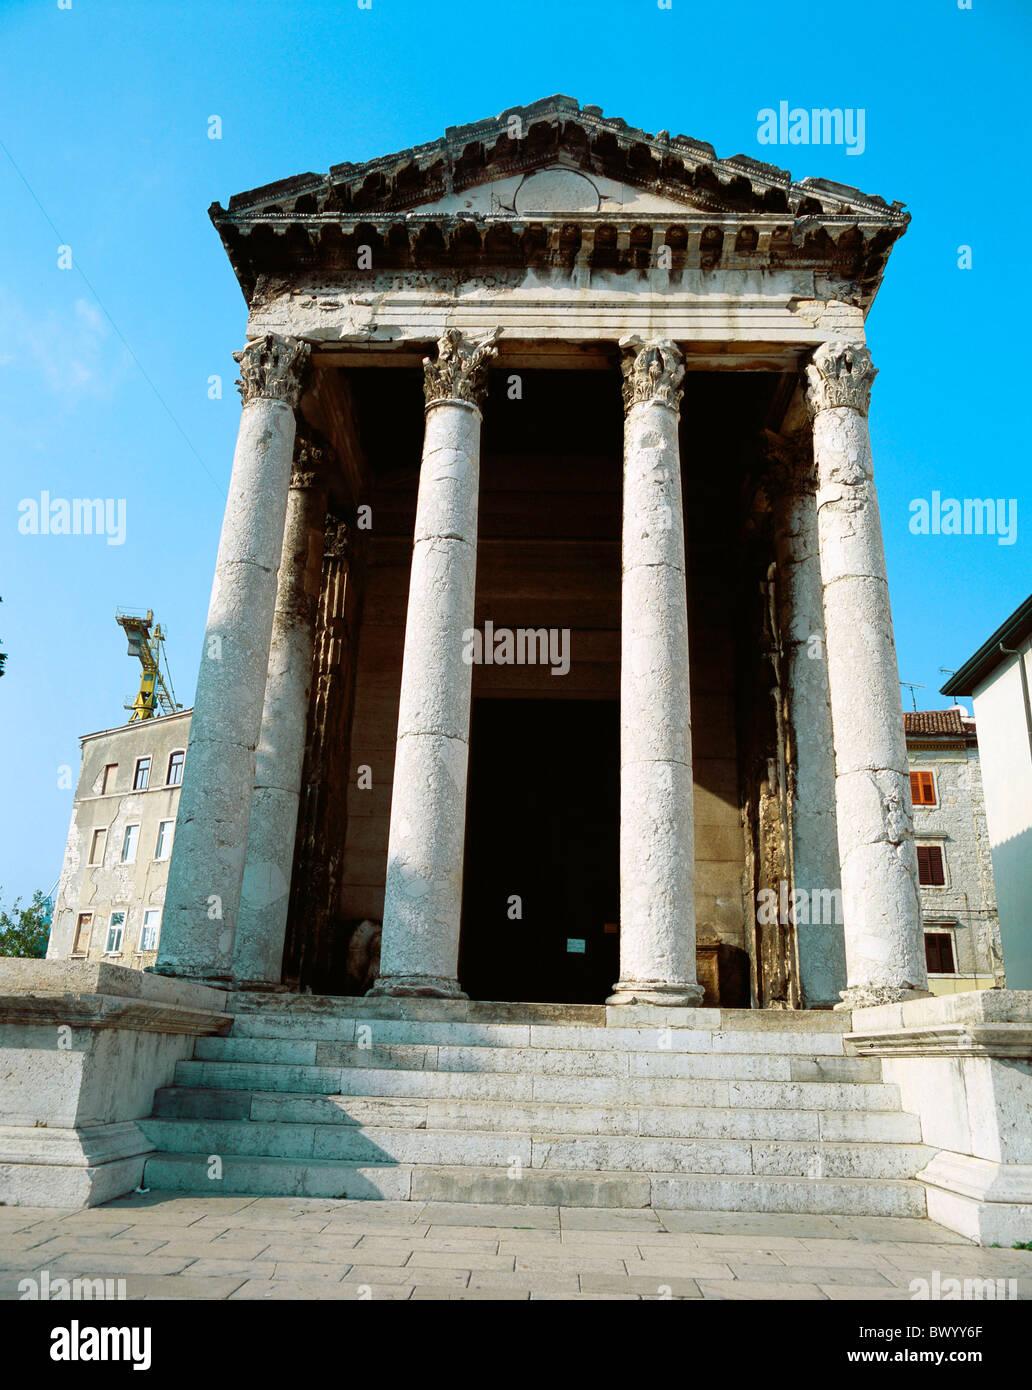 Antiquité l'antiquité Auguste temple building Istrie Croatie historique ville romaine romaine Pula Photo Stock